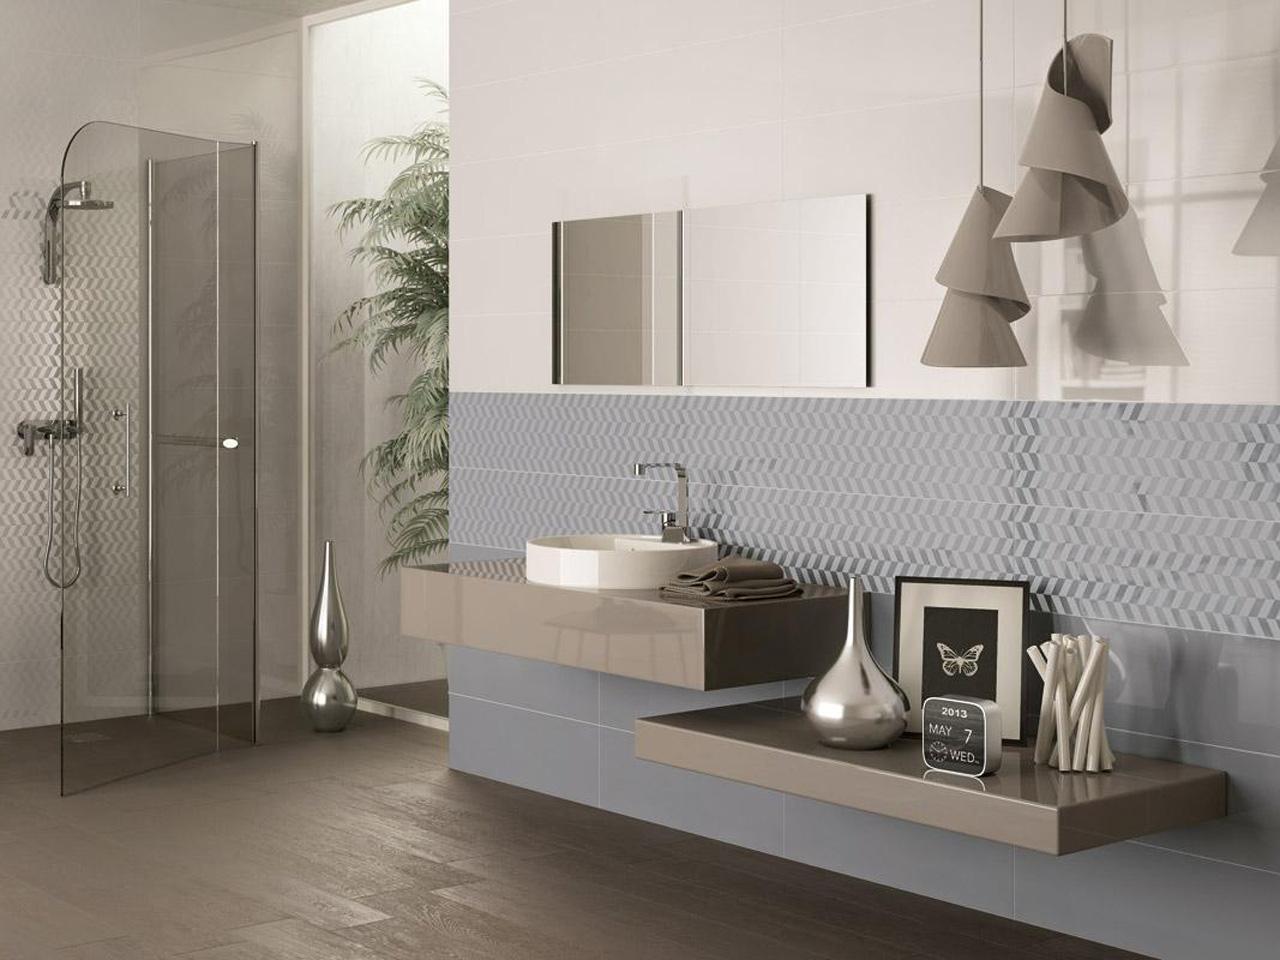 Bagnoidea prodotti e tendenze per arredare il bagno for Foto rivestimenti bagno